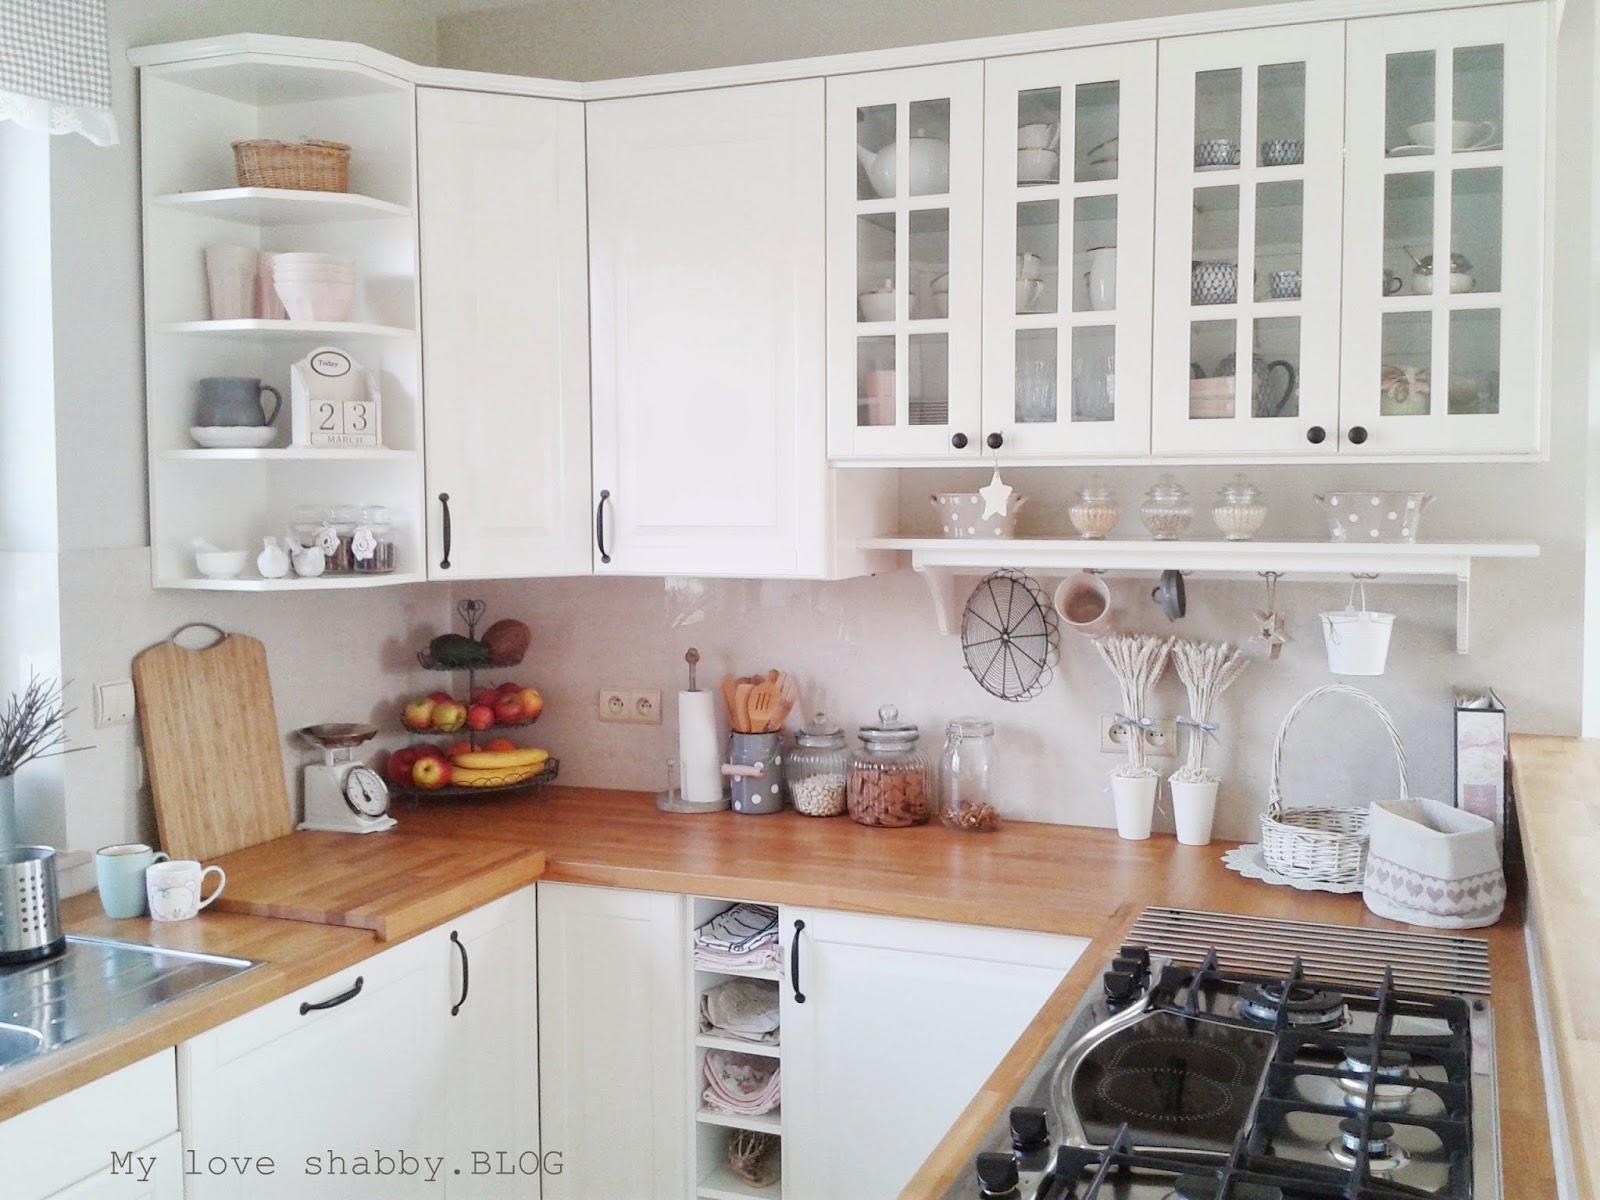 MLS blog  blog lifestylowy, wnętrza, inspiracje, DIY Biała kuchnia z drewni   -> Waniliowa Kuchnia Z Drewnianym Blatem